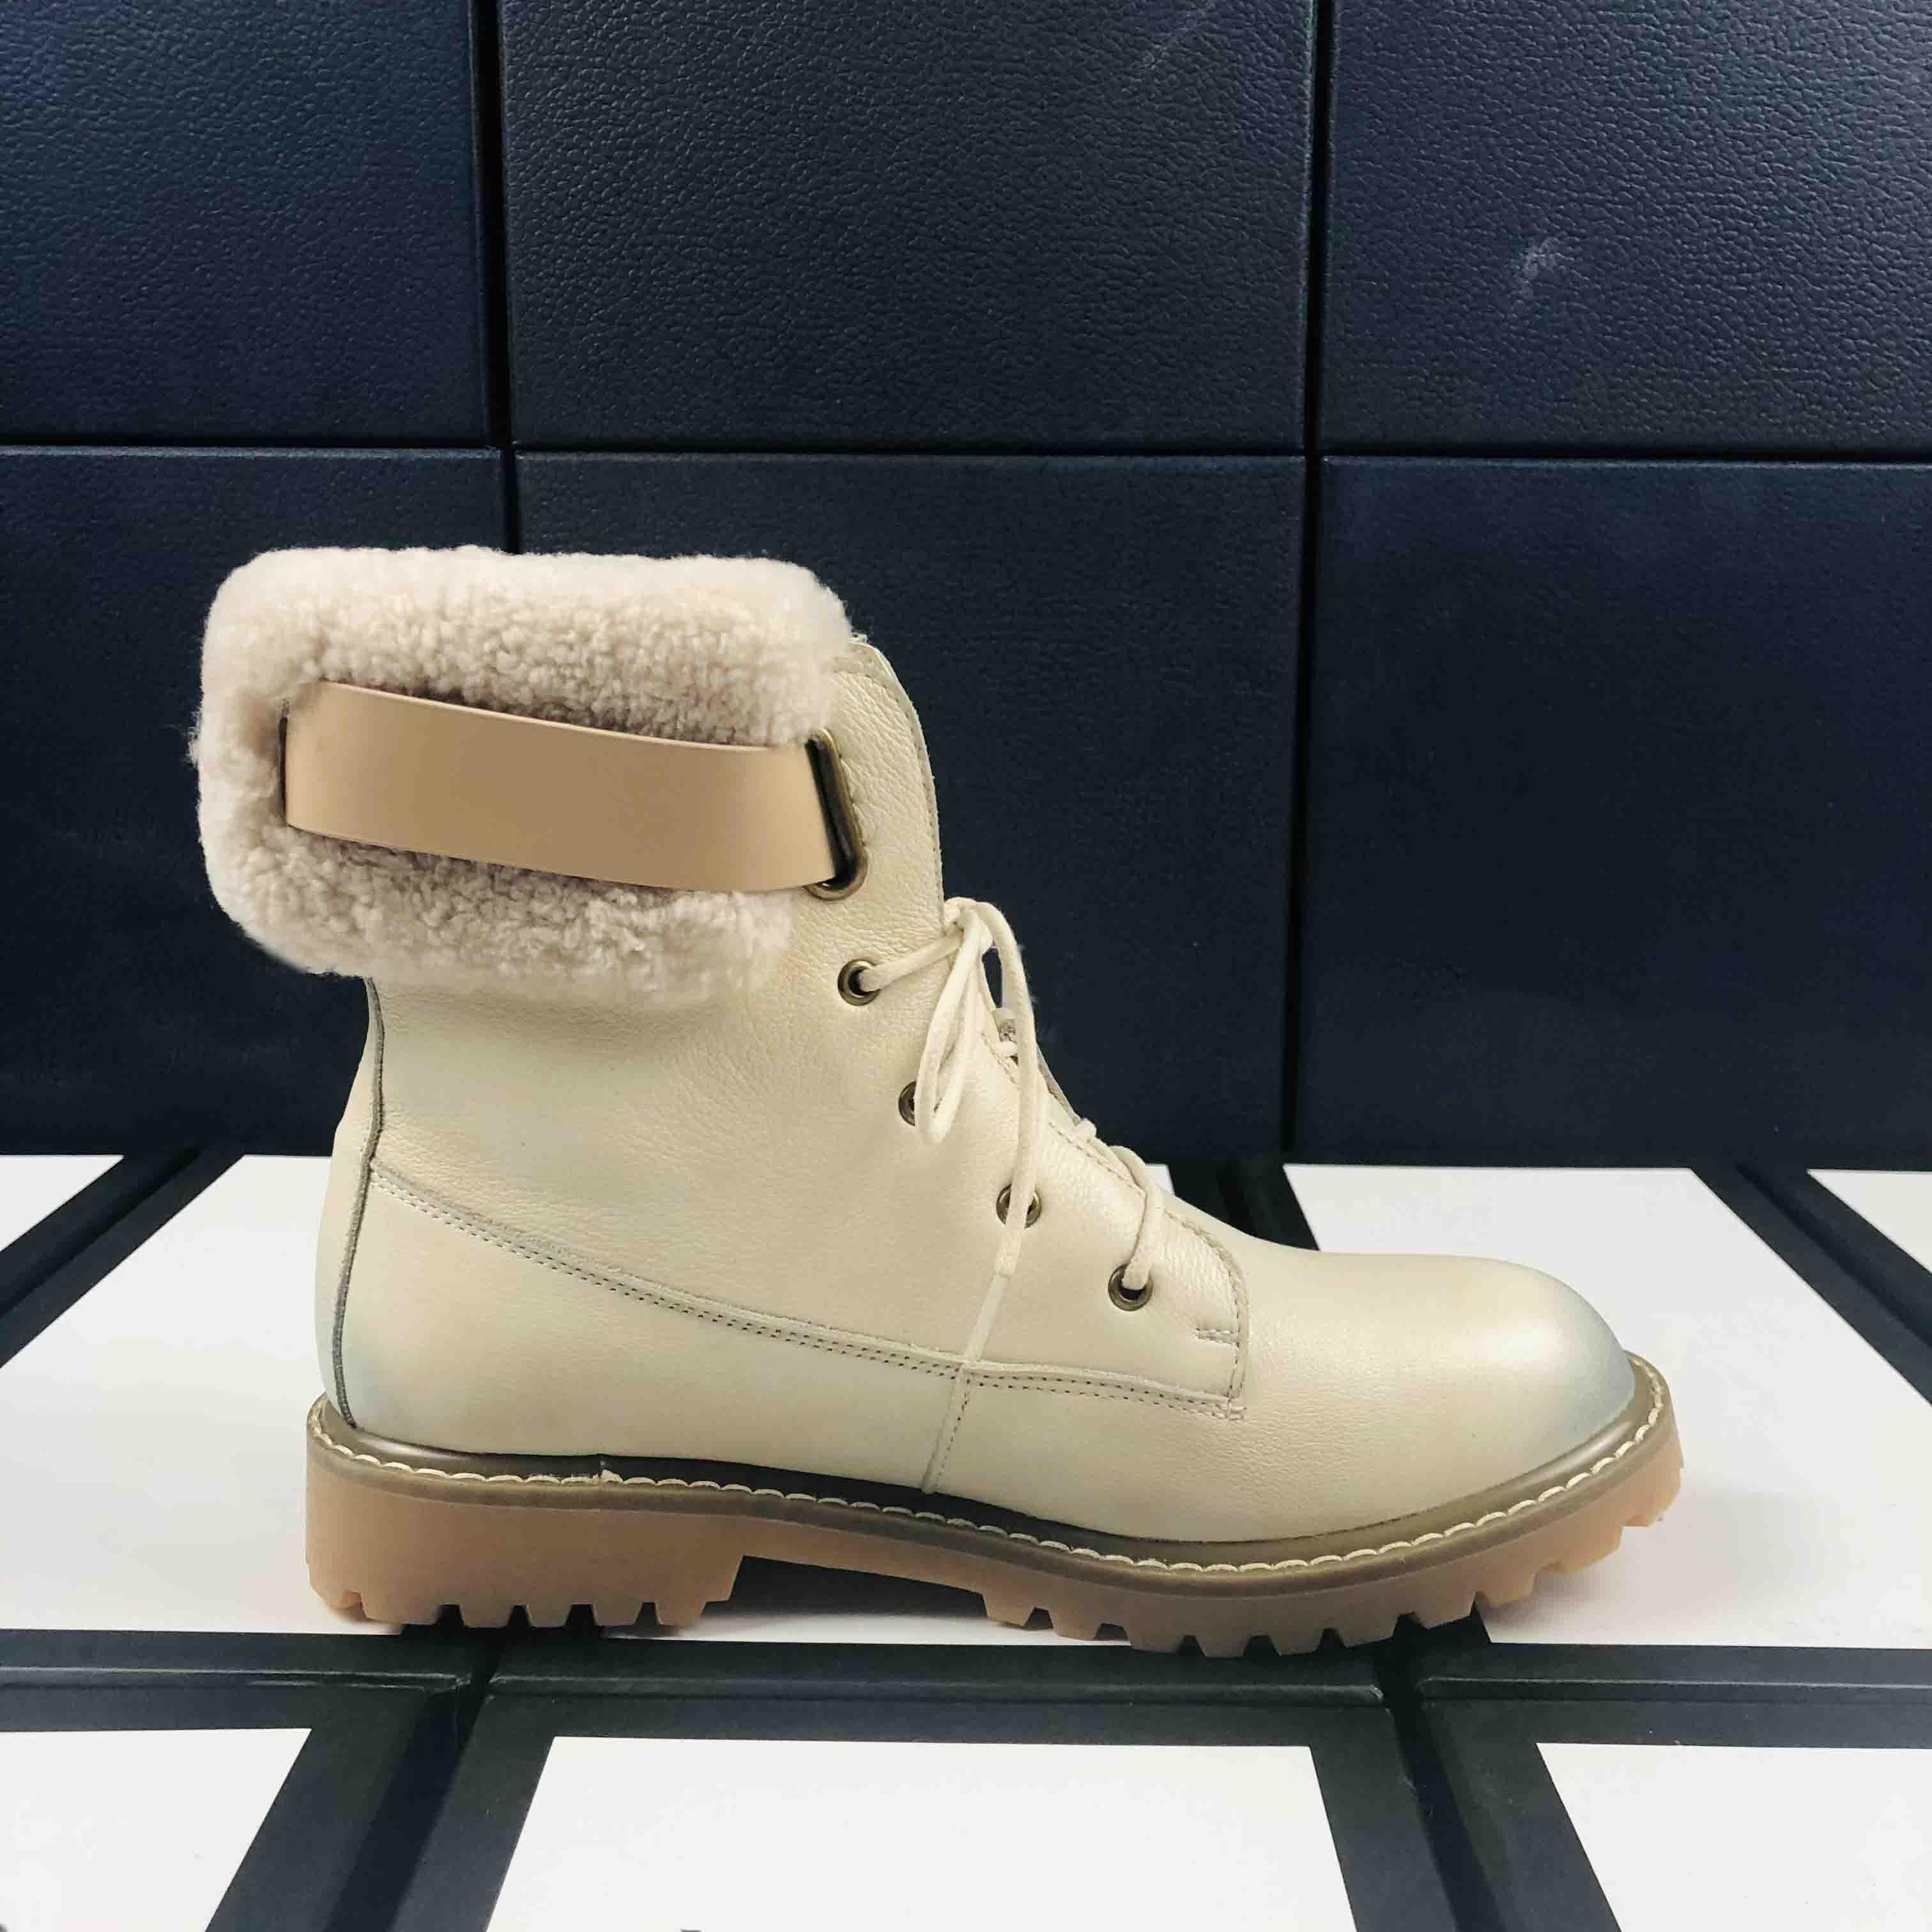 Кожа Rois and Monolith Re-нейлоновые сапоги военные вдохновлены боевой ботинок нейлоновый пакет, прикрепленный к лодыжке с ремешком